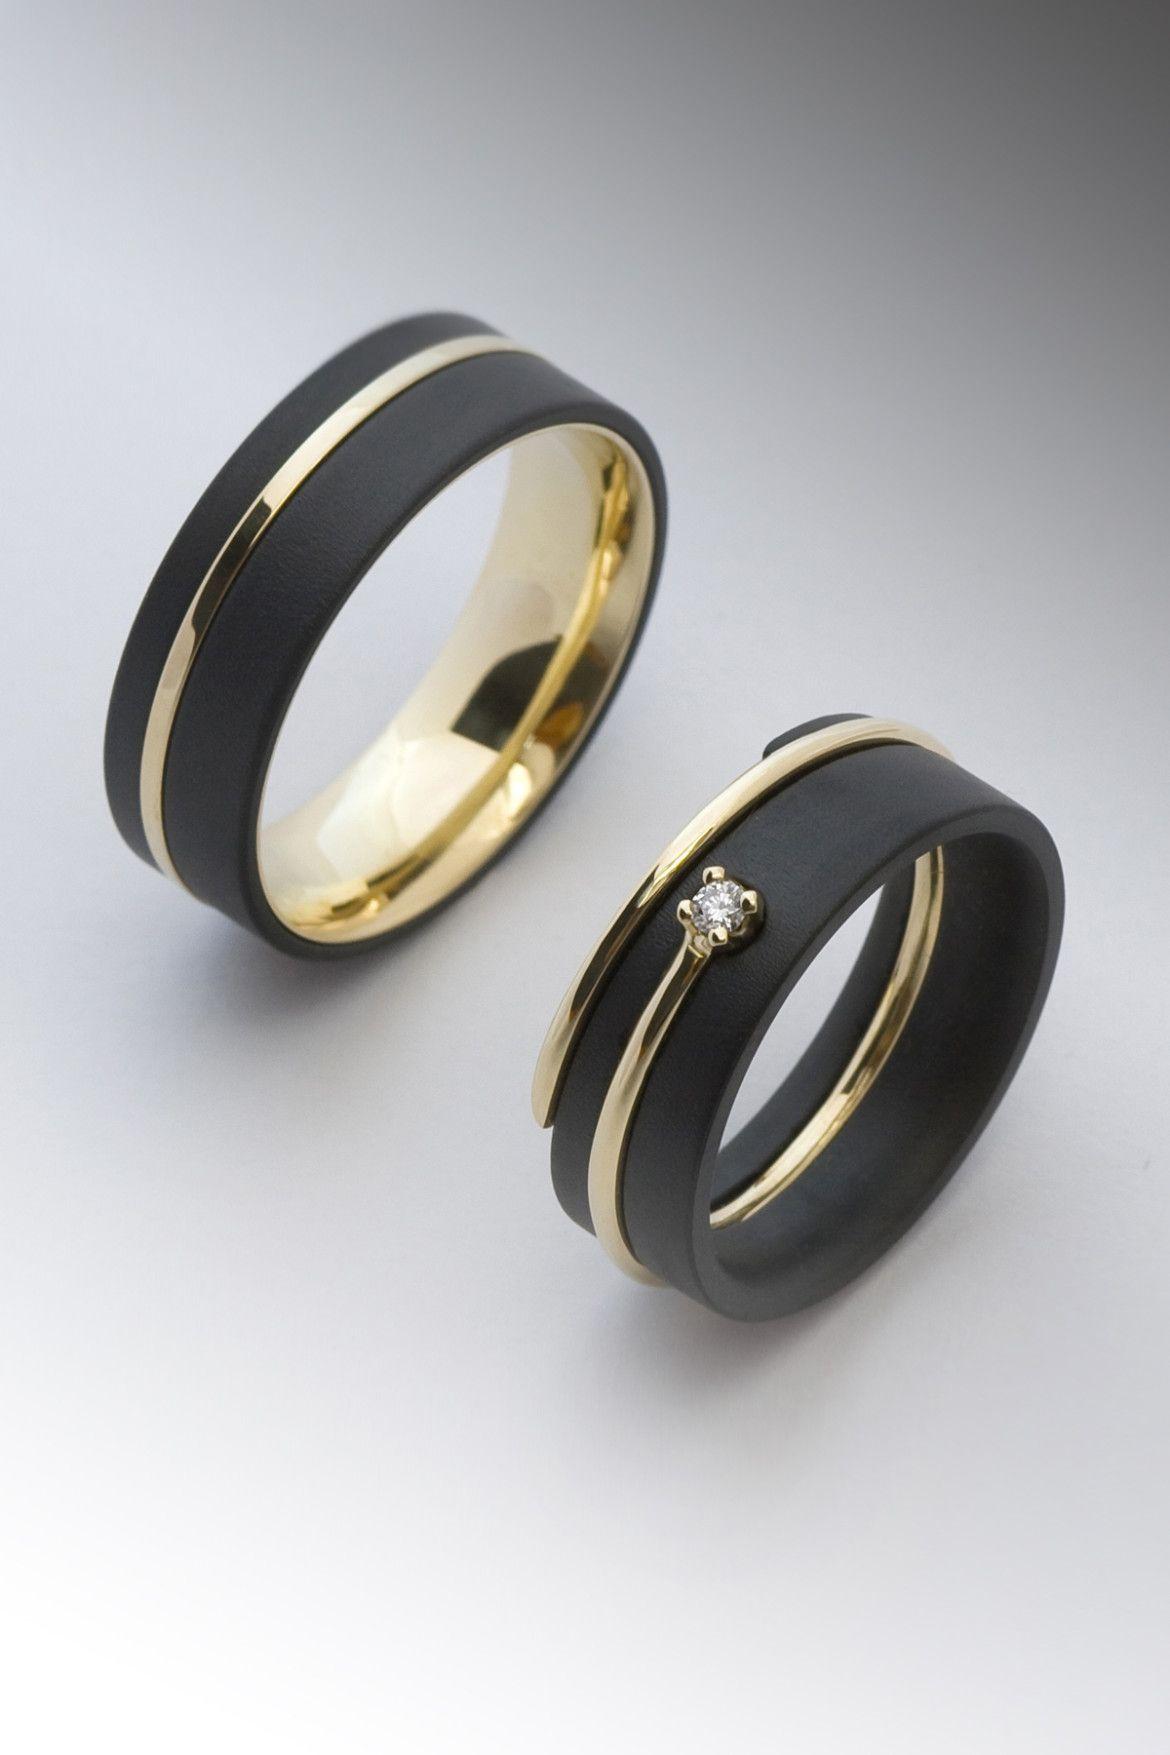 Feladatok Archive Zsendovics Karikagyuruk Yuvelirnye Izdeliya Kolca In 2020 Wedding Rings Sets His And Hers Black Wedding Rings Couple Wedding Rings